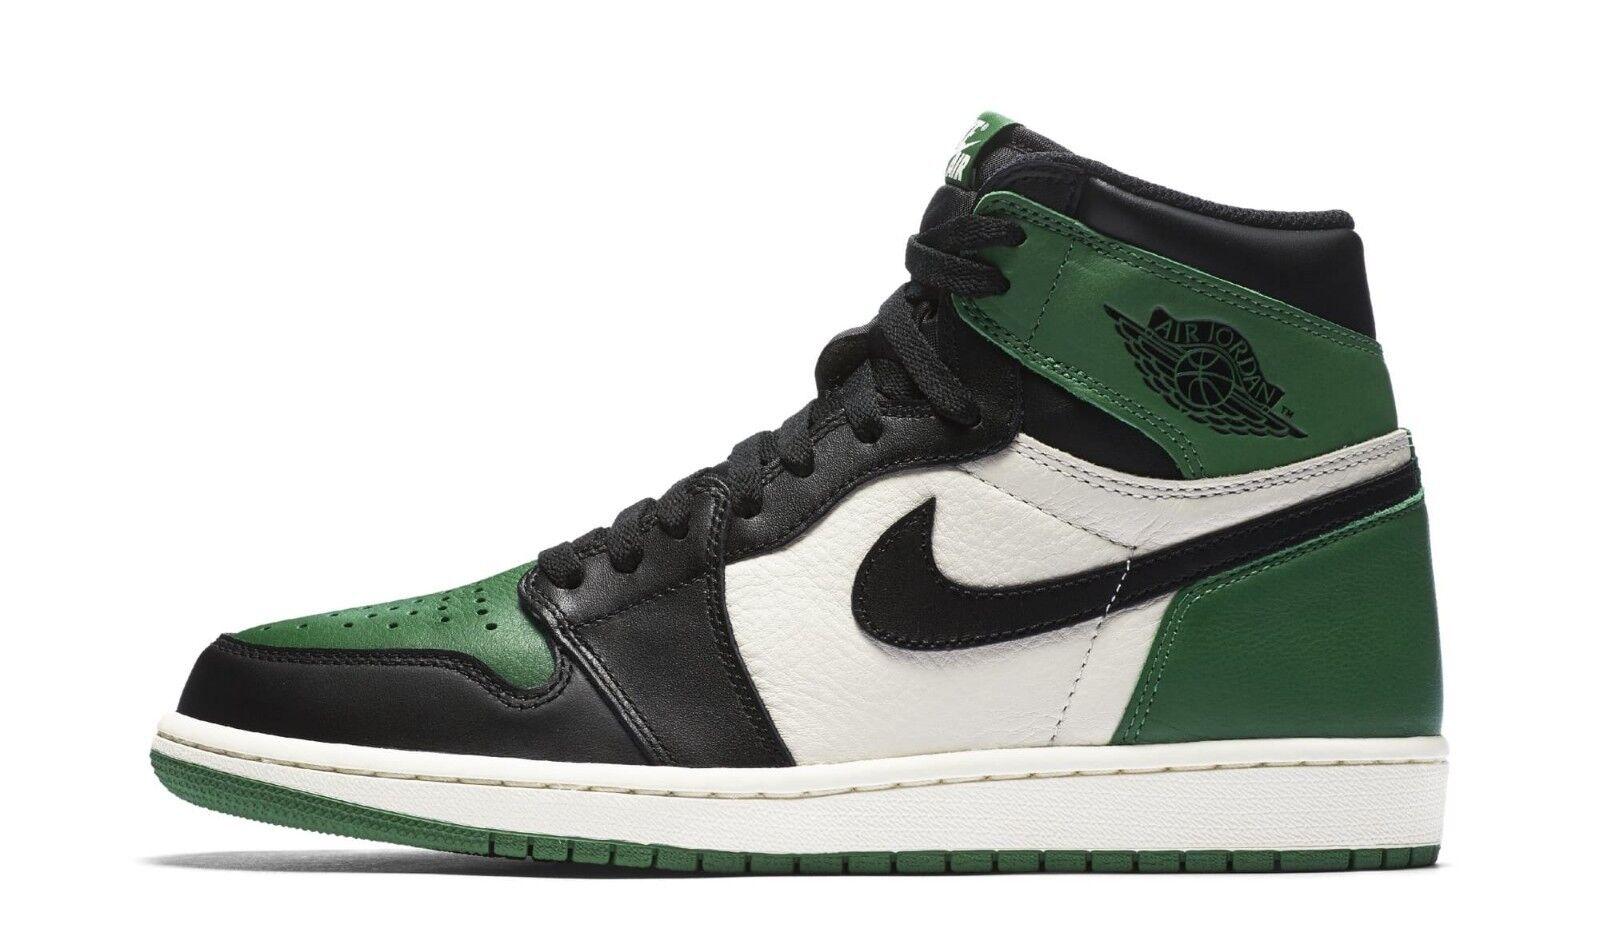 2018 Nike Air Jordan Retro 1 High OG SZ 14 Pine Green White Black 555088-302